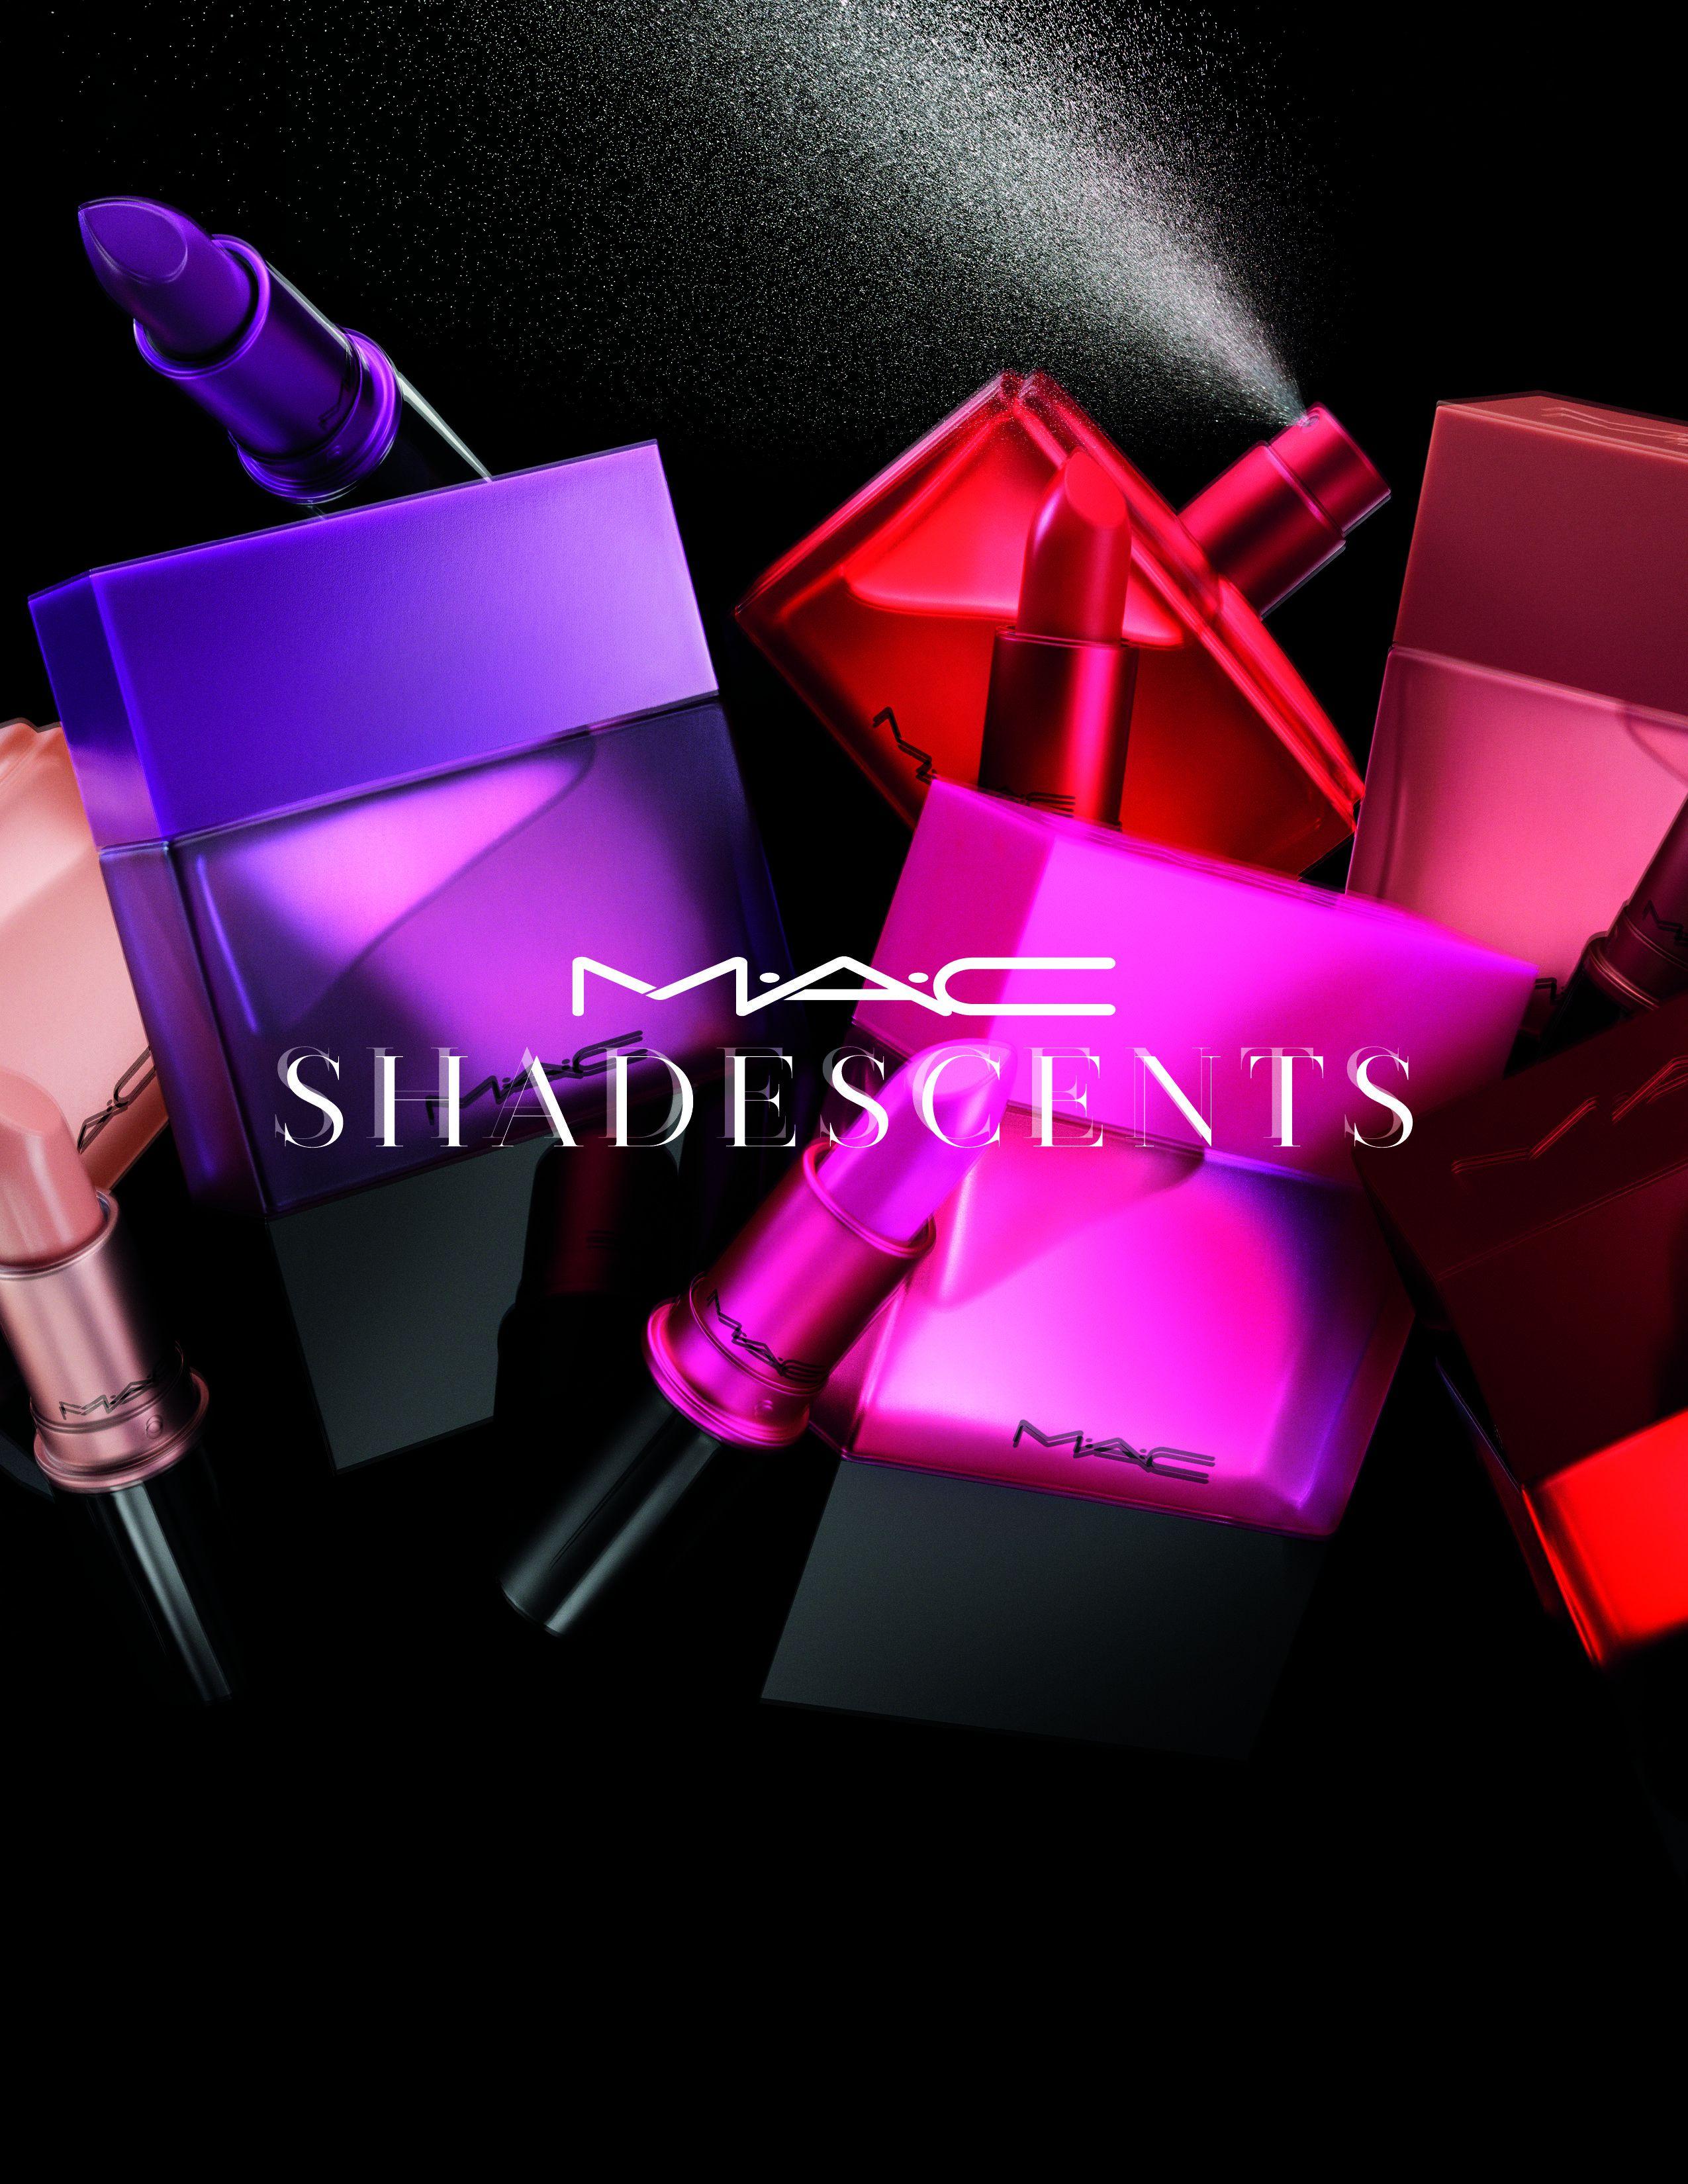 MAC kozmetika otvara novo prodajno mjesto!